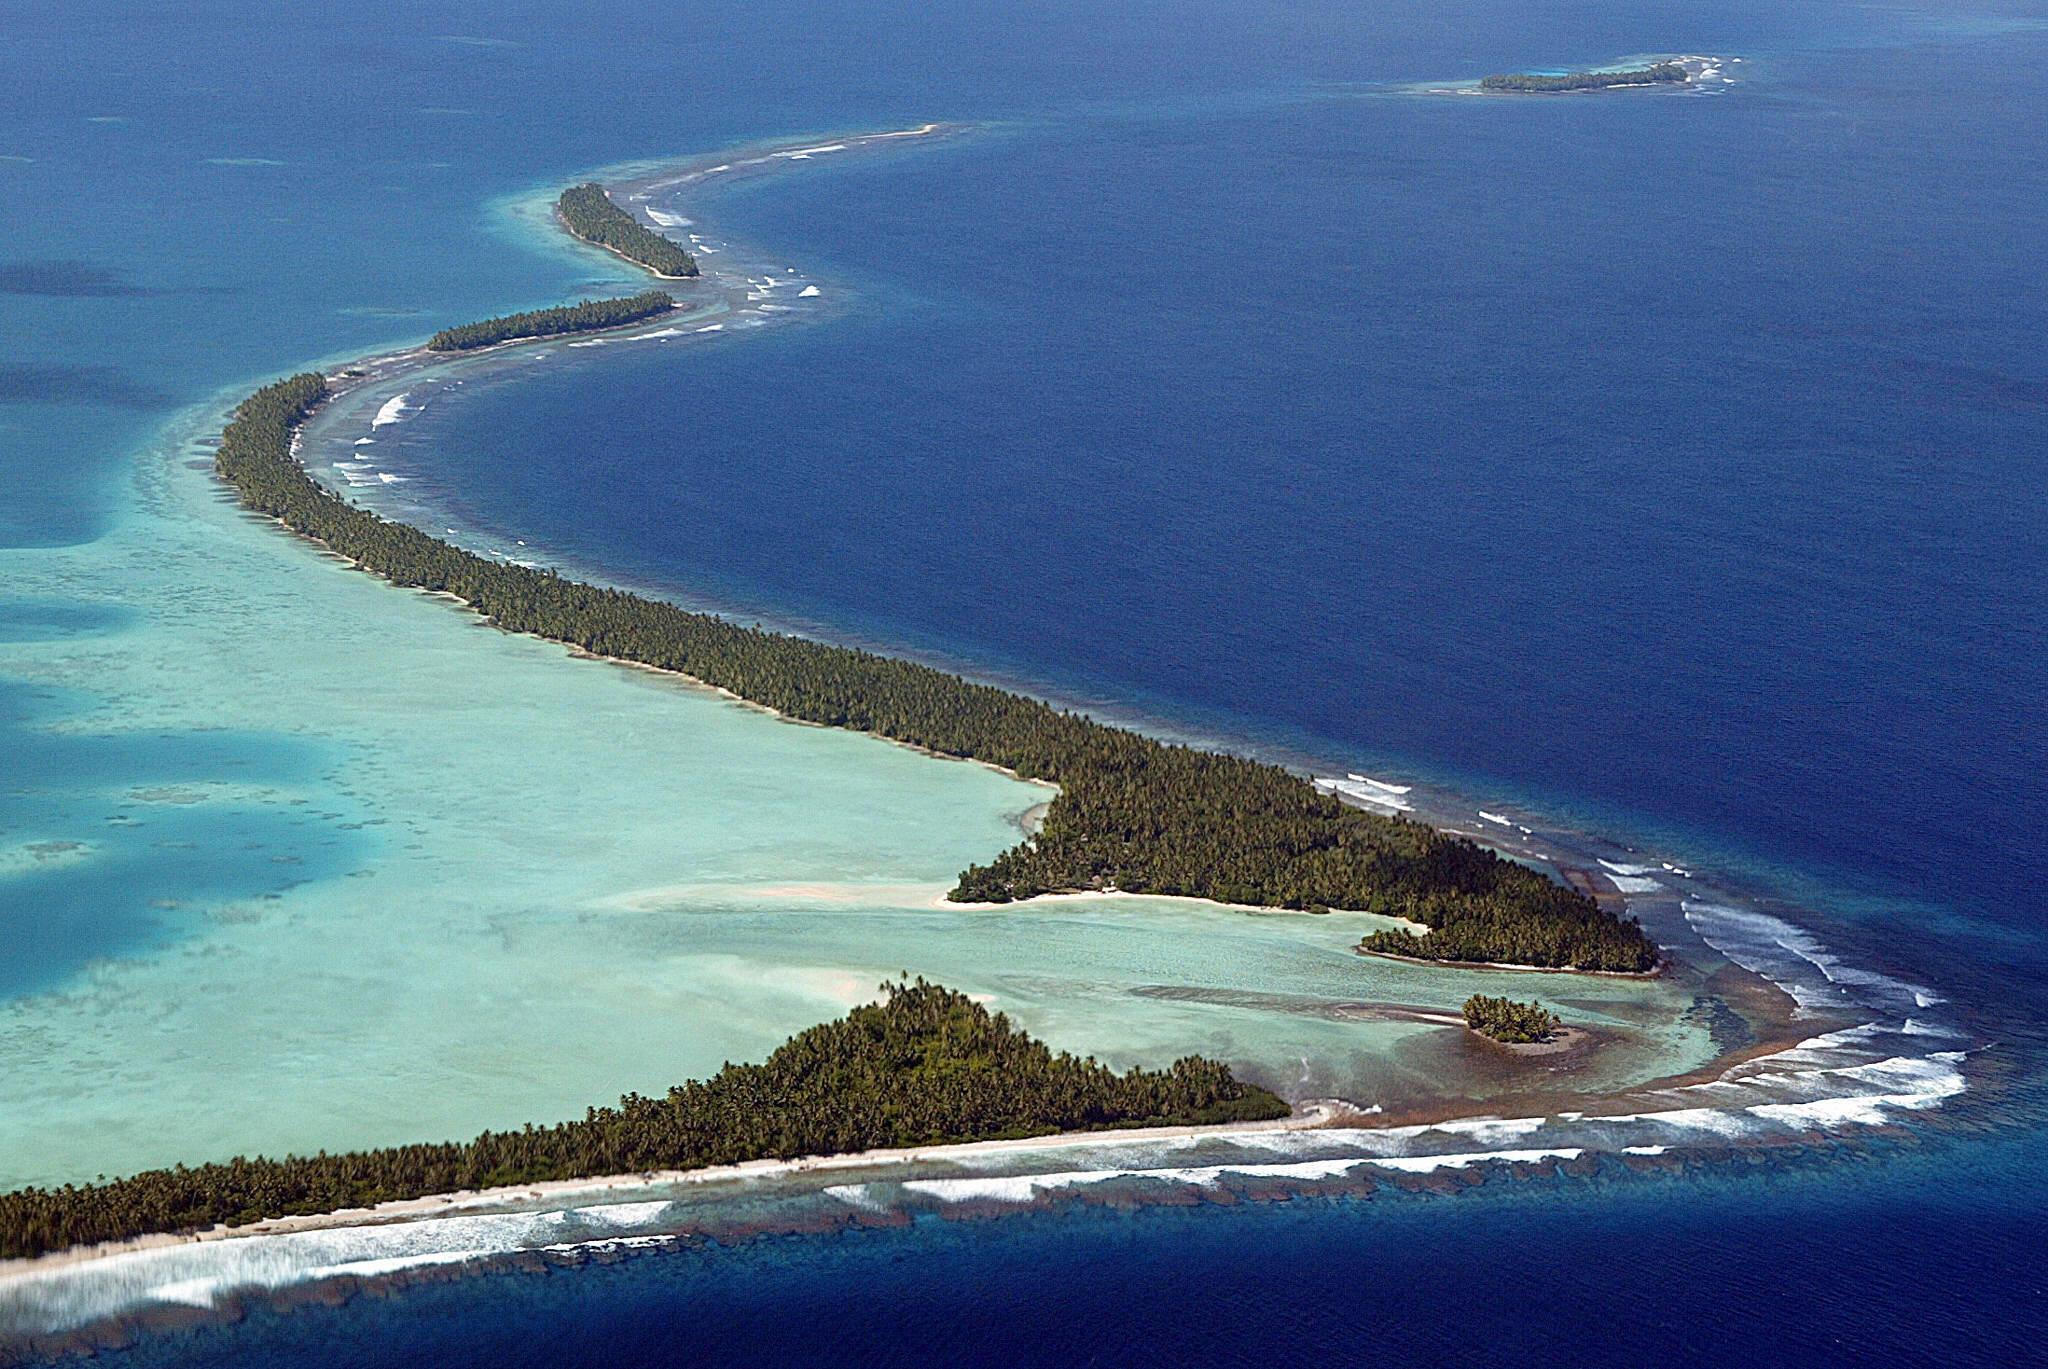 Parte do arquipélago de Tuvalu, que corre o risco de desaparecer em alguns anos.